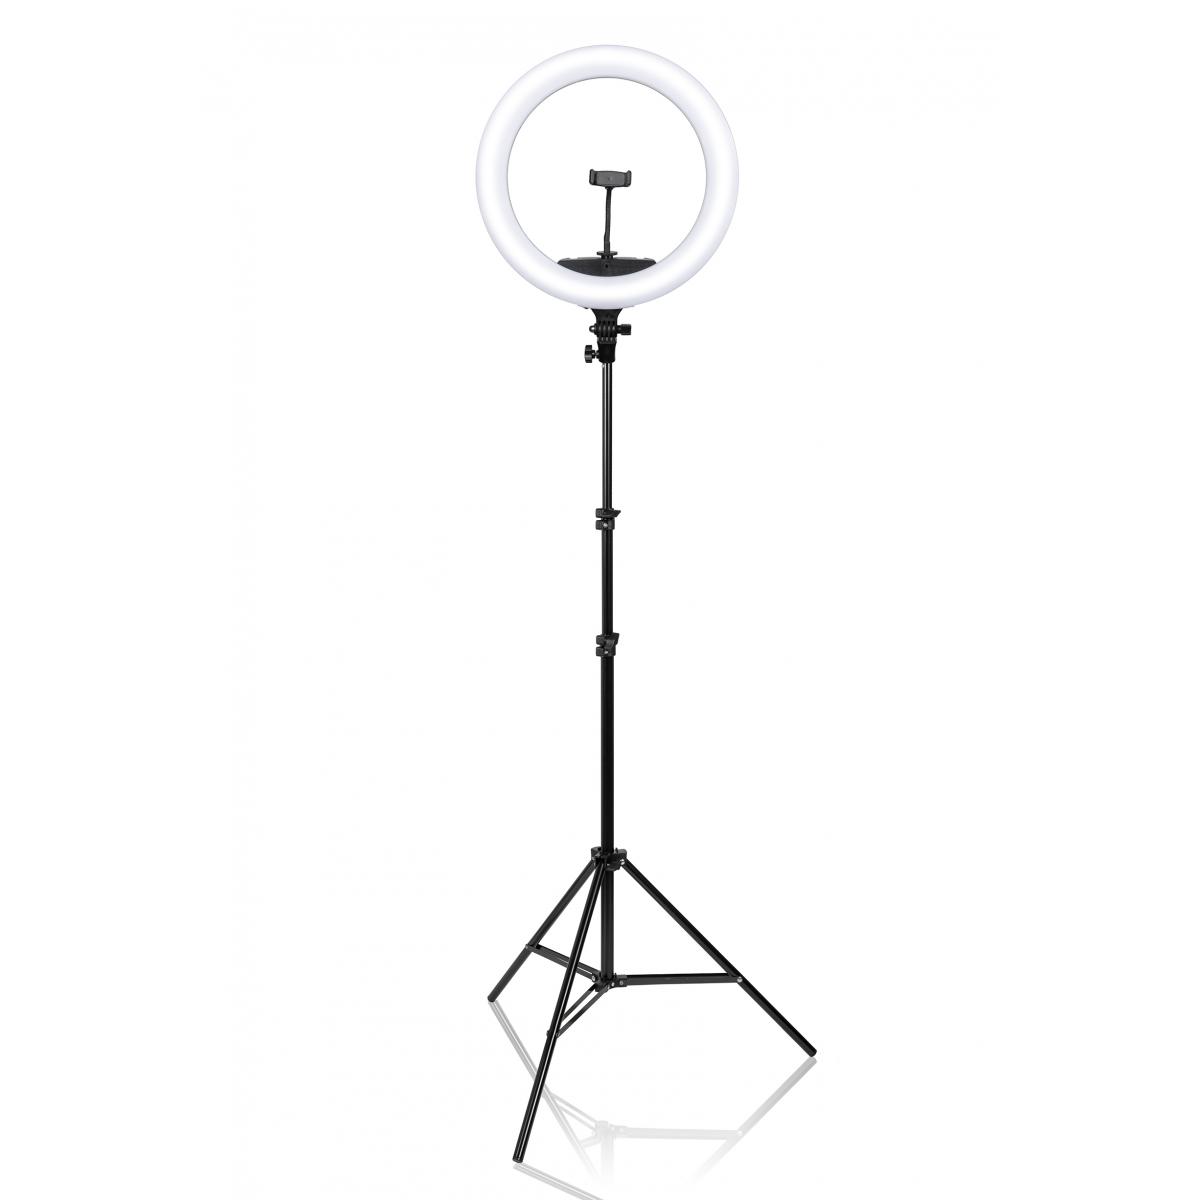 EQUIPEMENTS - MAUD PROFESSIONAL SHOP - CERCLE DE LUMIERE RING LIGHT 46 cm